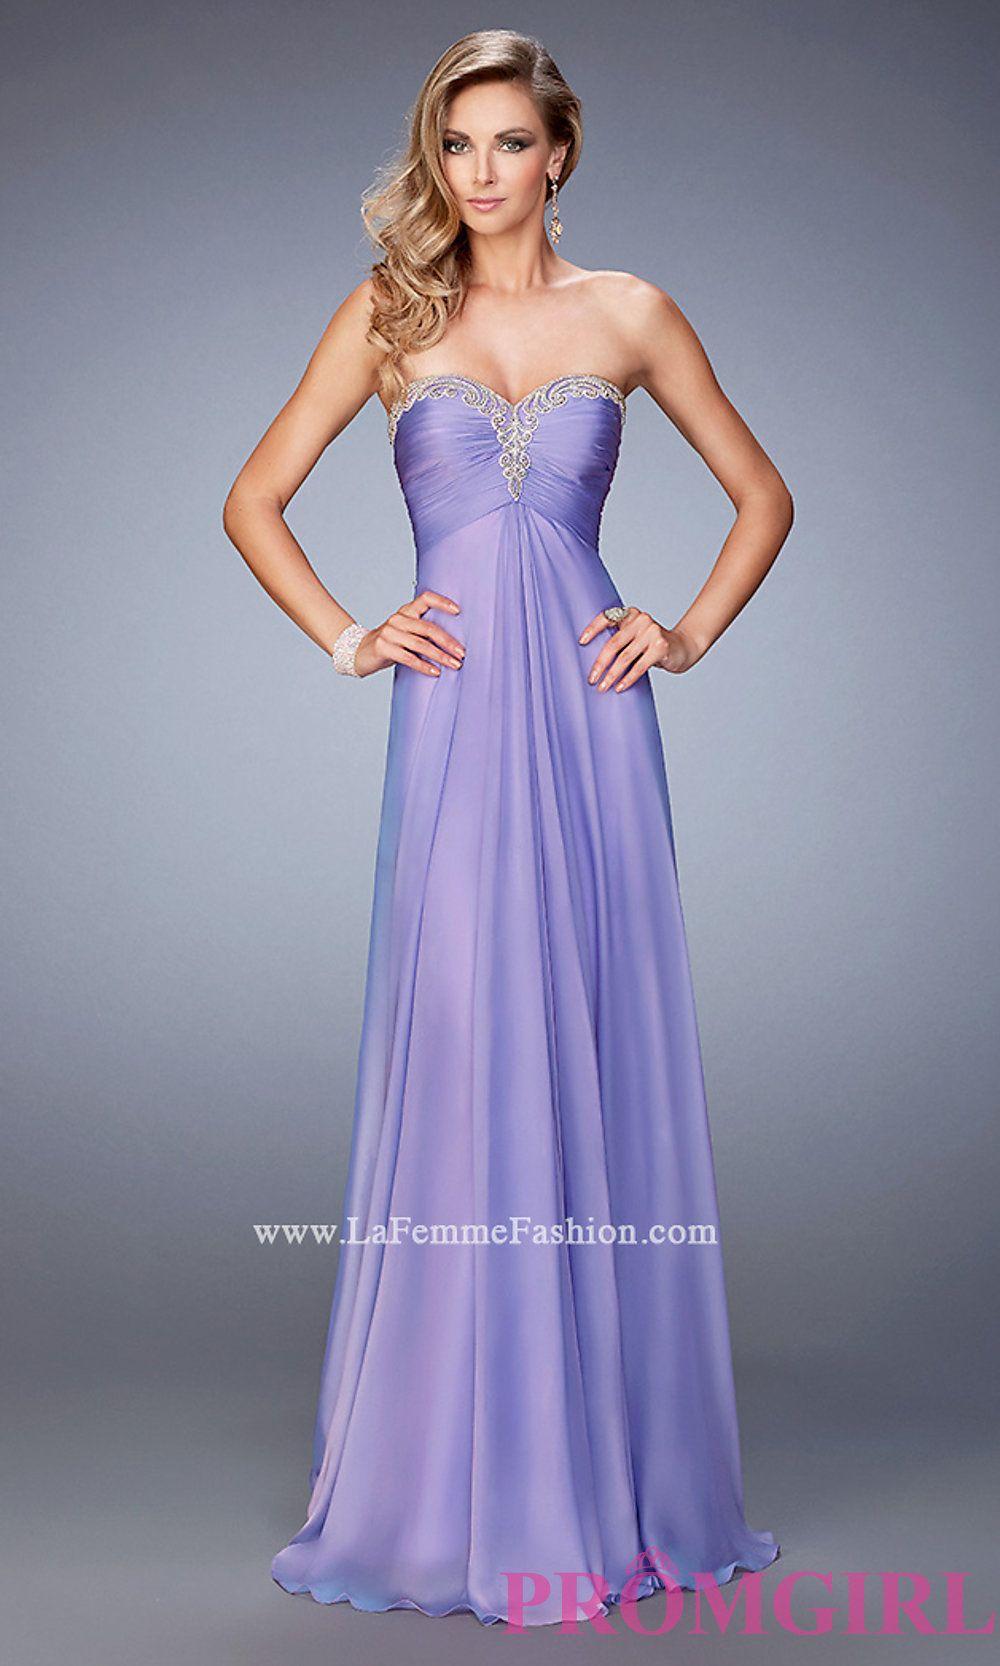 Chiffon Long Open Back Sweetheart Prom Dress by La Femme Style: LF ...